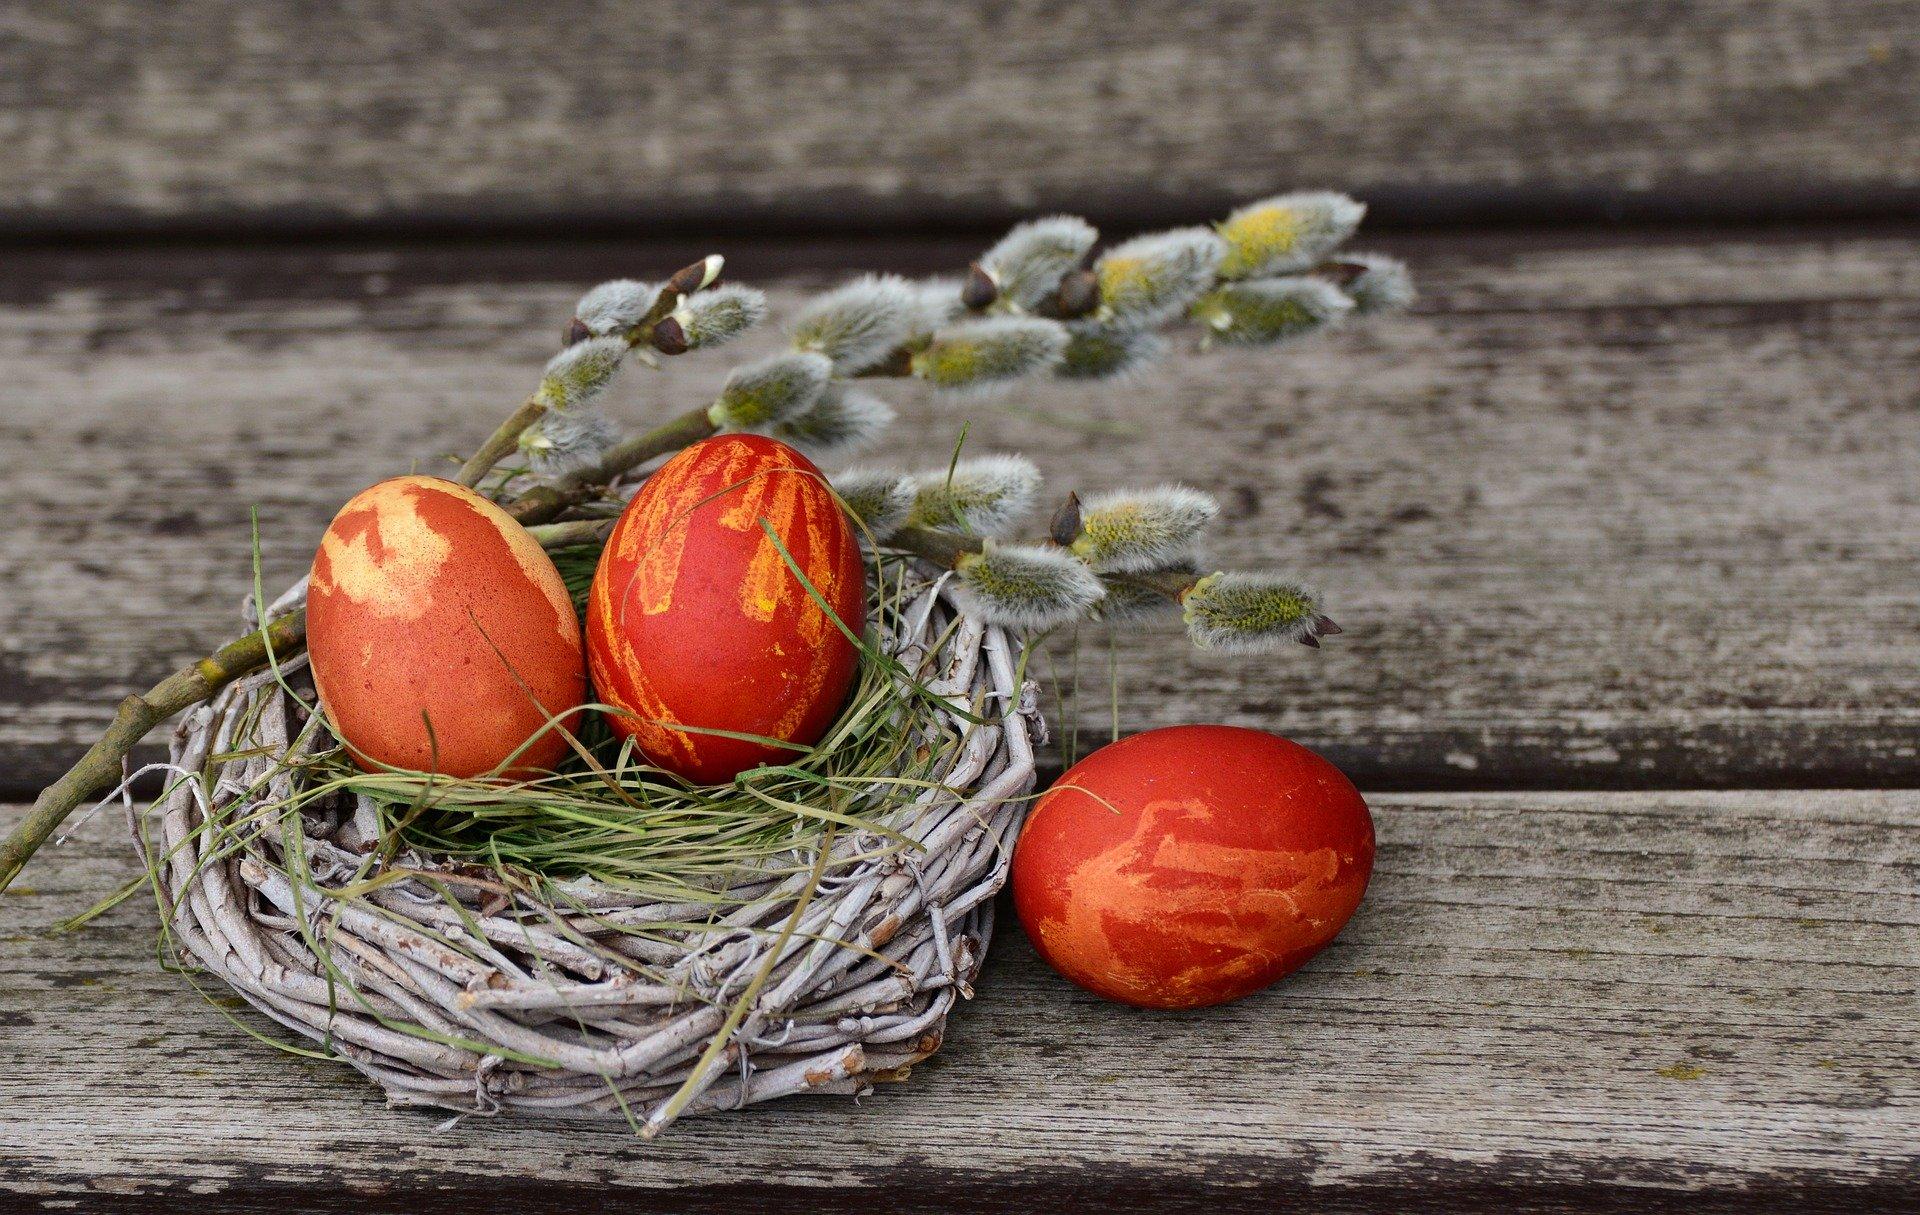 Easter Sunday – Polish Mass